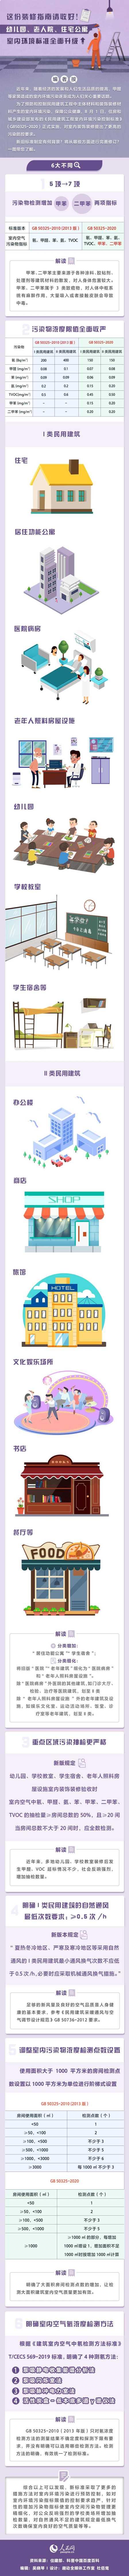 图解:幼儿园、老人院、住宅公寓……室内环境标准全面升级